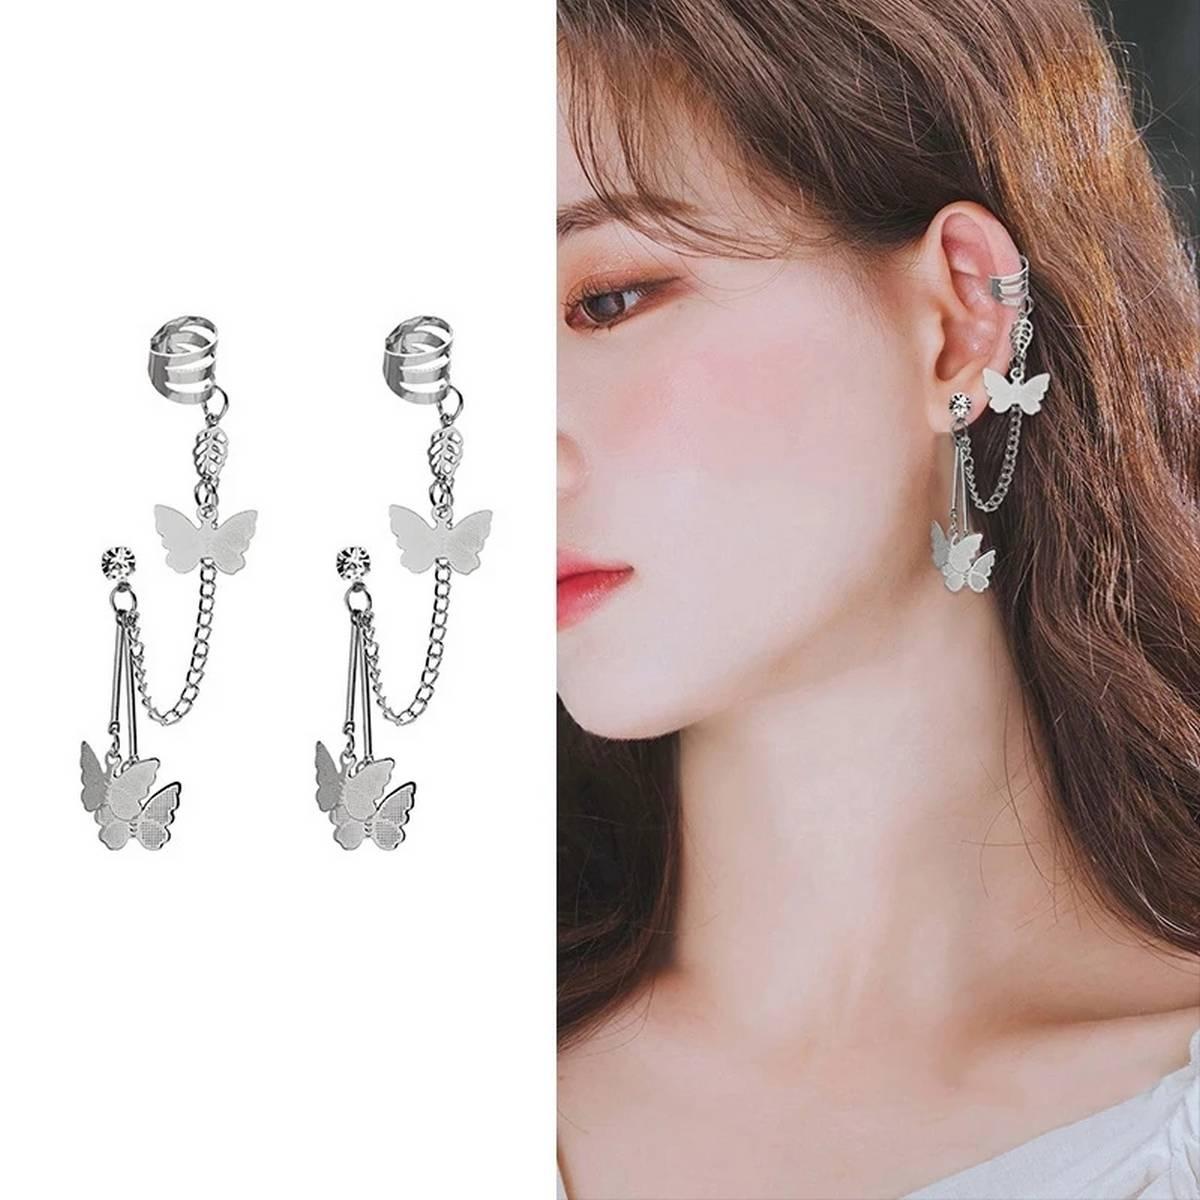 Earcuff / 1pair(2pc) new arrival Fashion Butterfly Tassel Chain Ladies Ear Clips Women Girls Earrings Jewelry